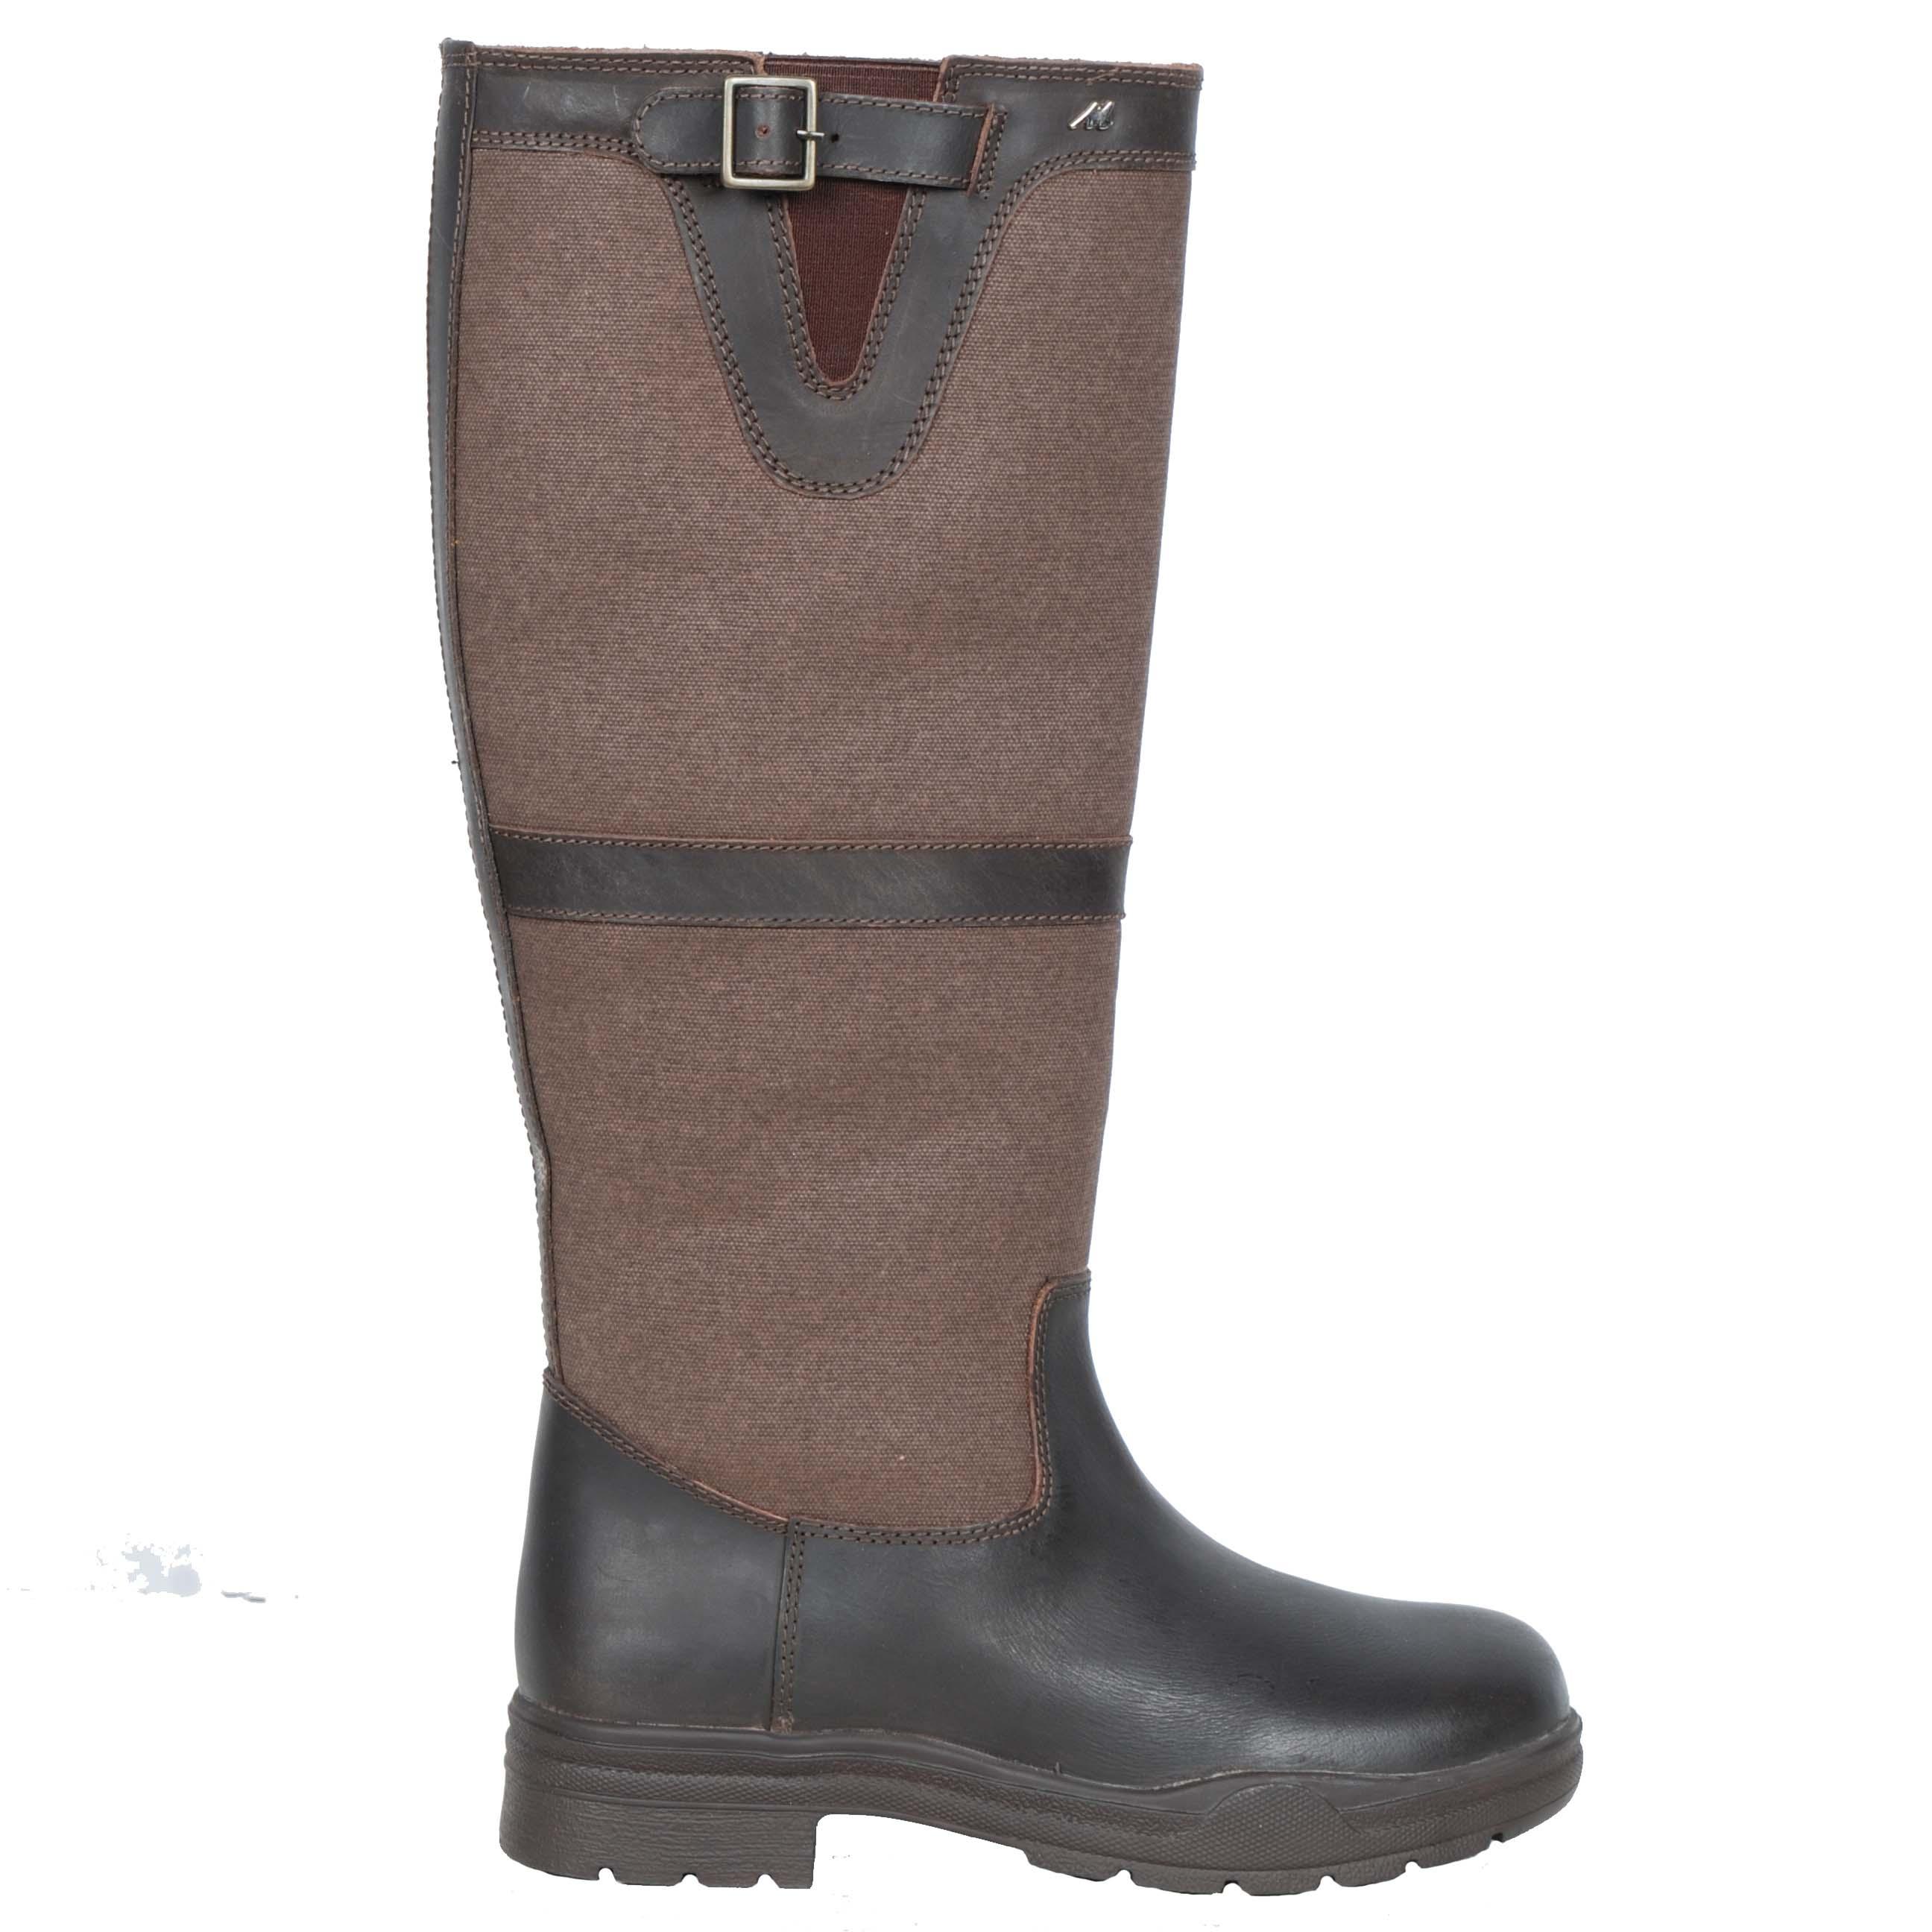 Mondoni Telemark Outdoor laarzen bruin maat:40